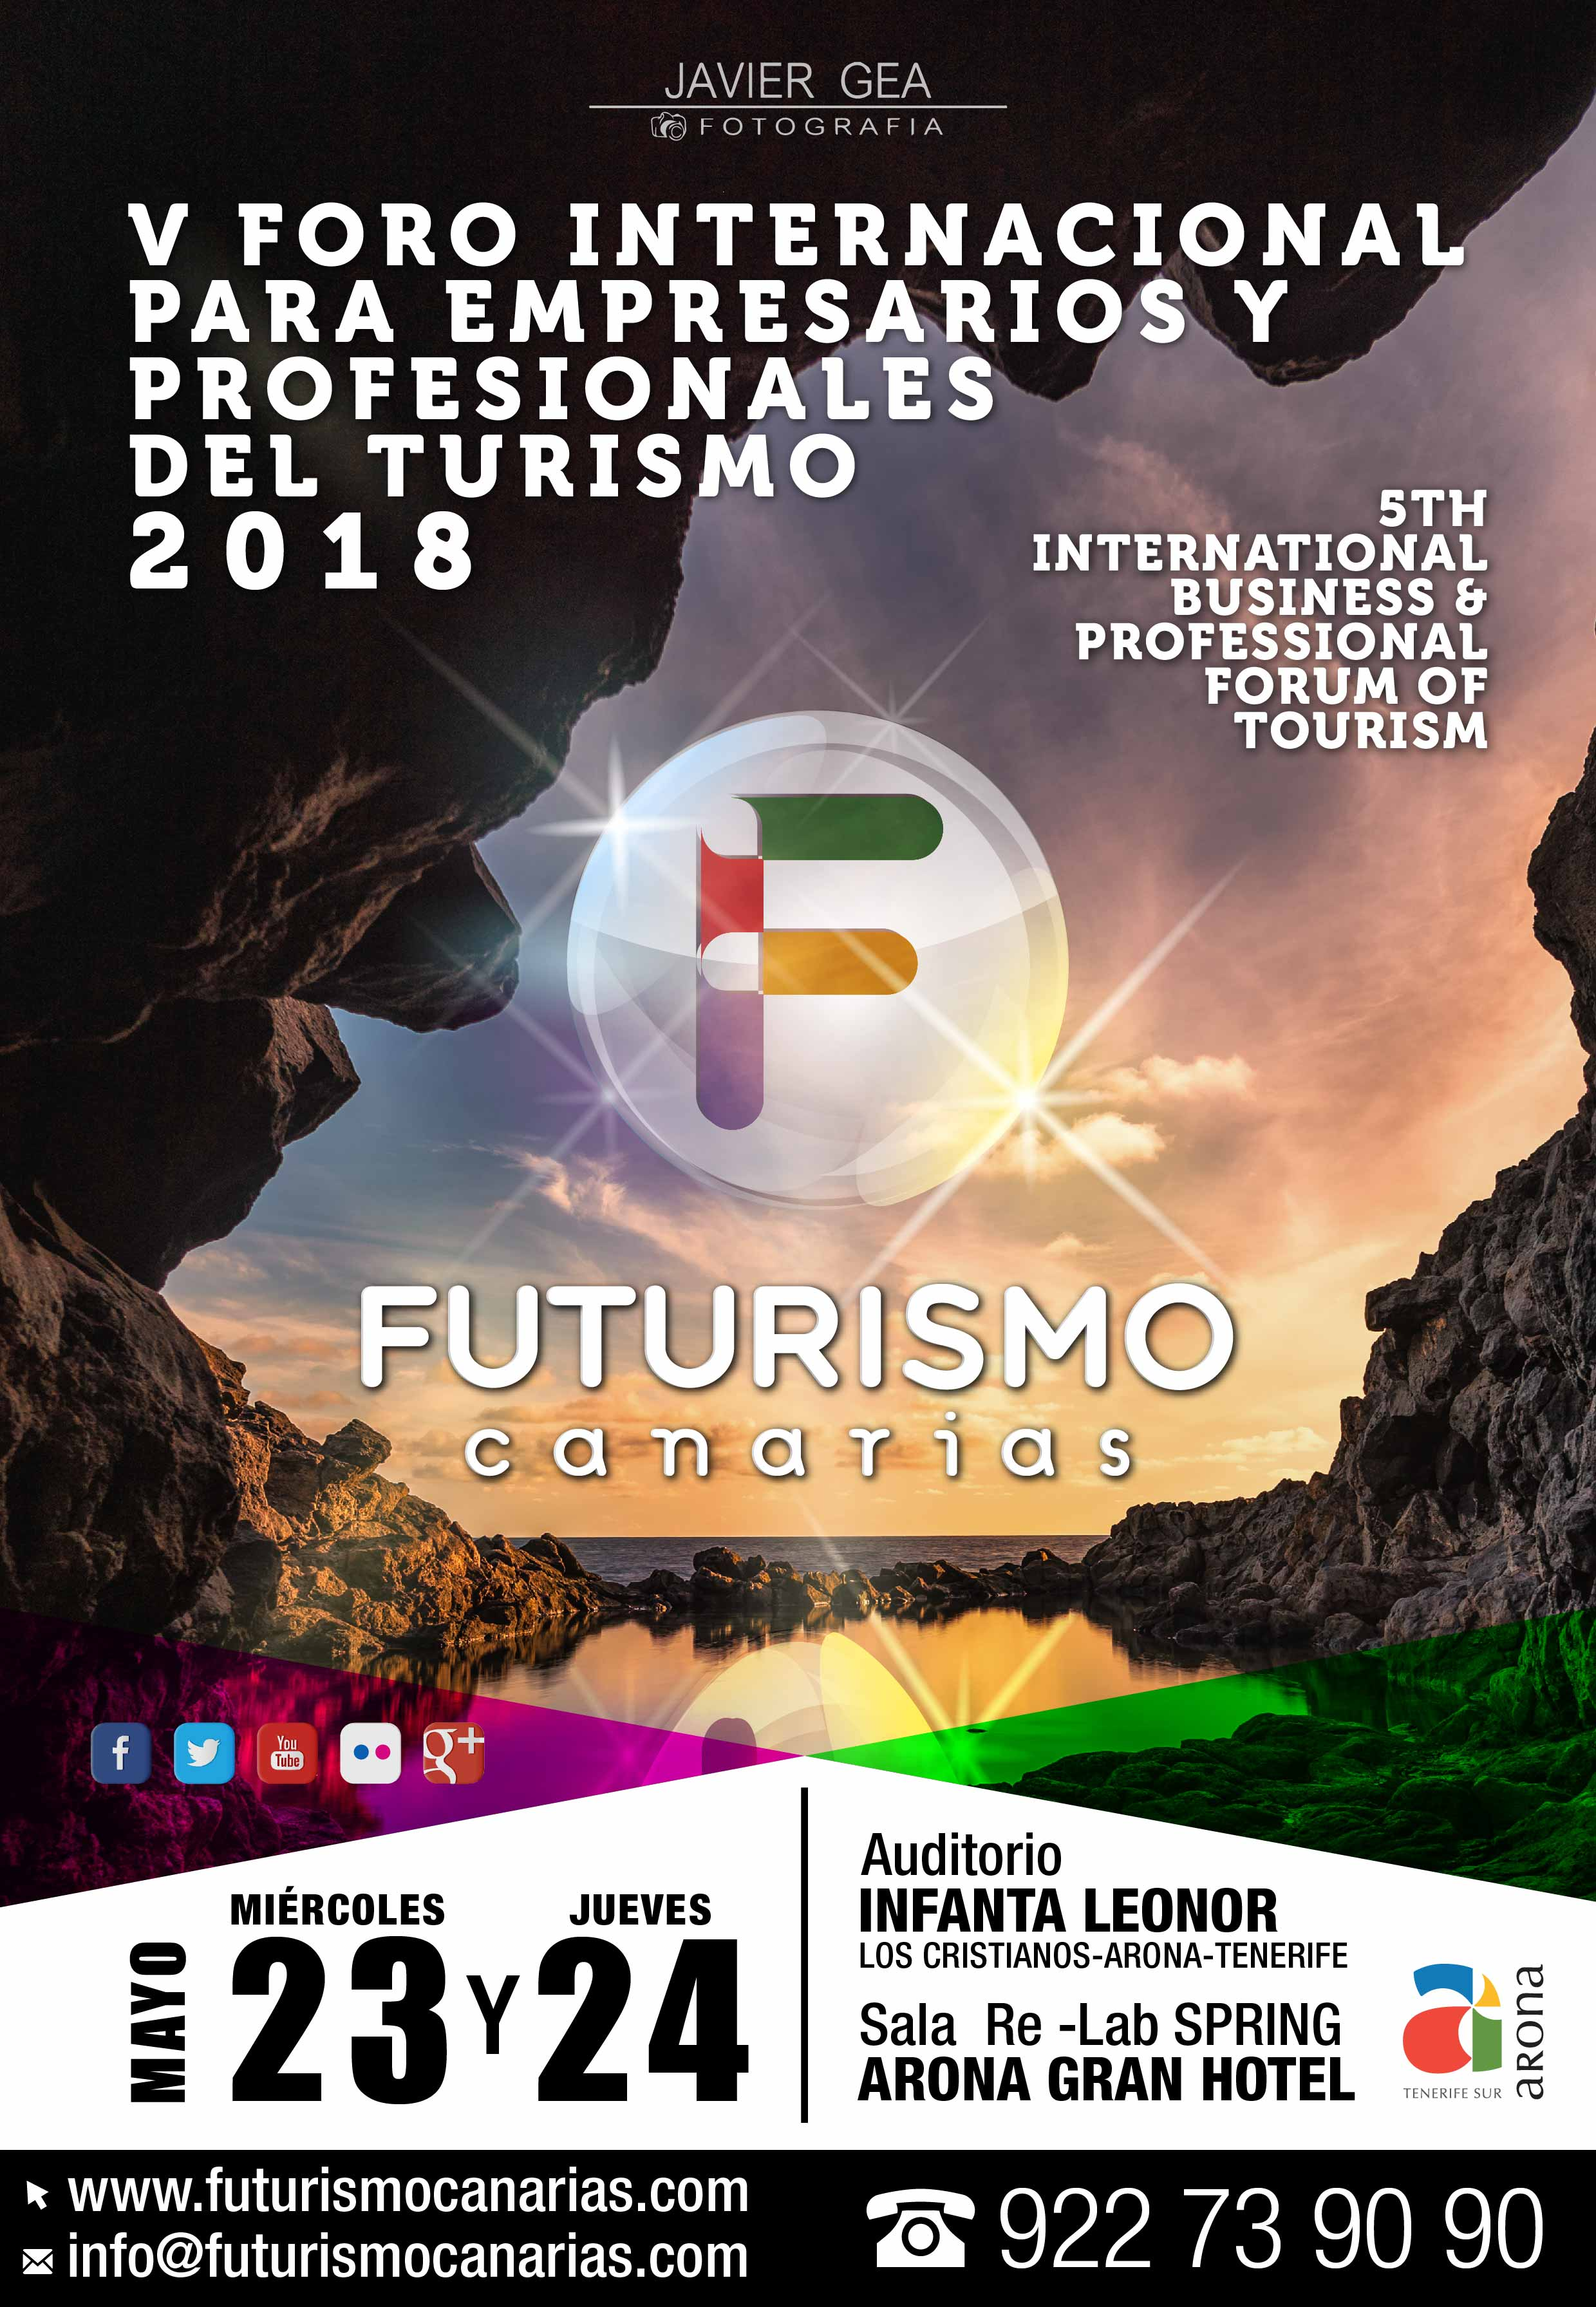 Futurismo Canarias 2018